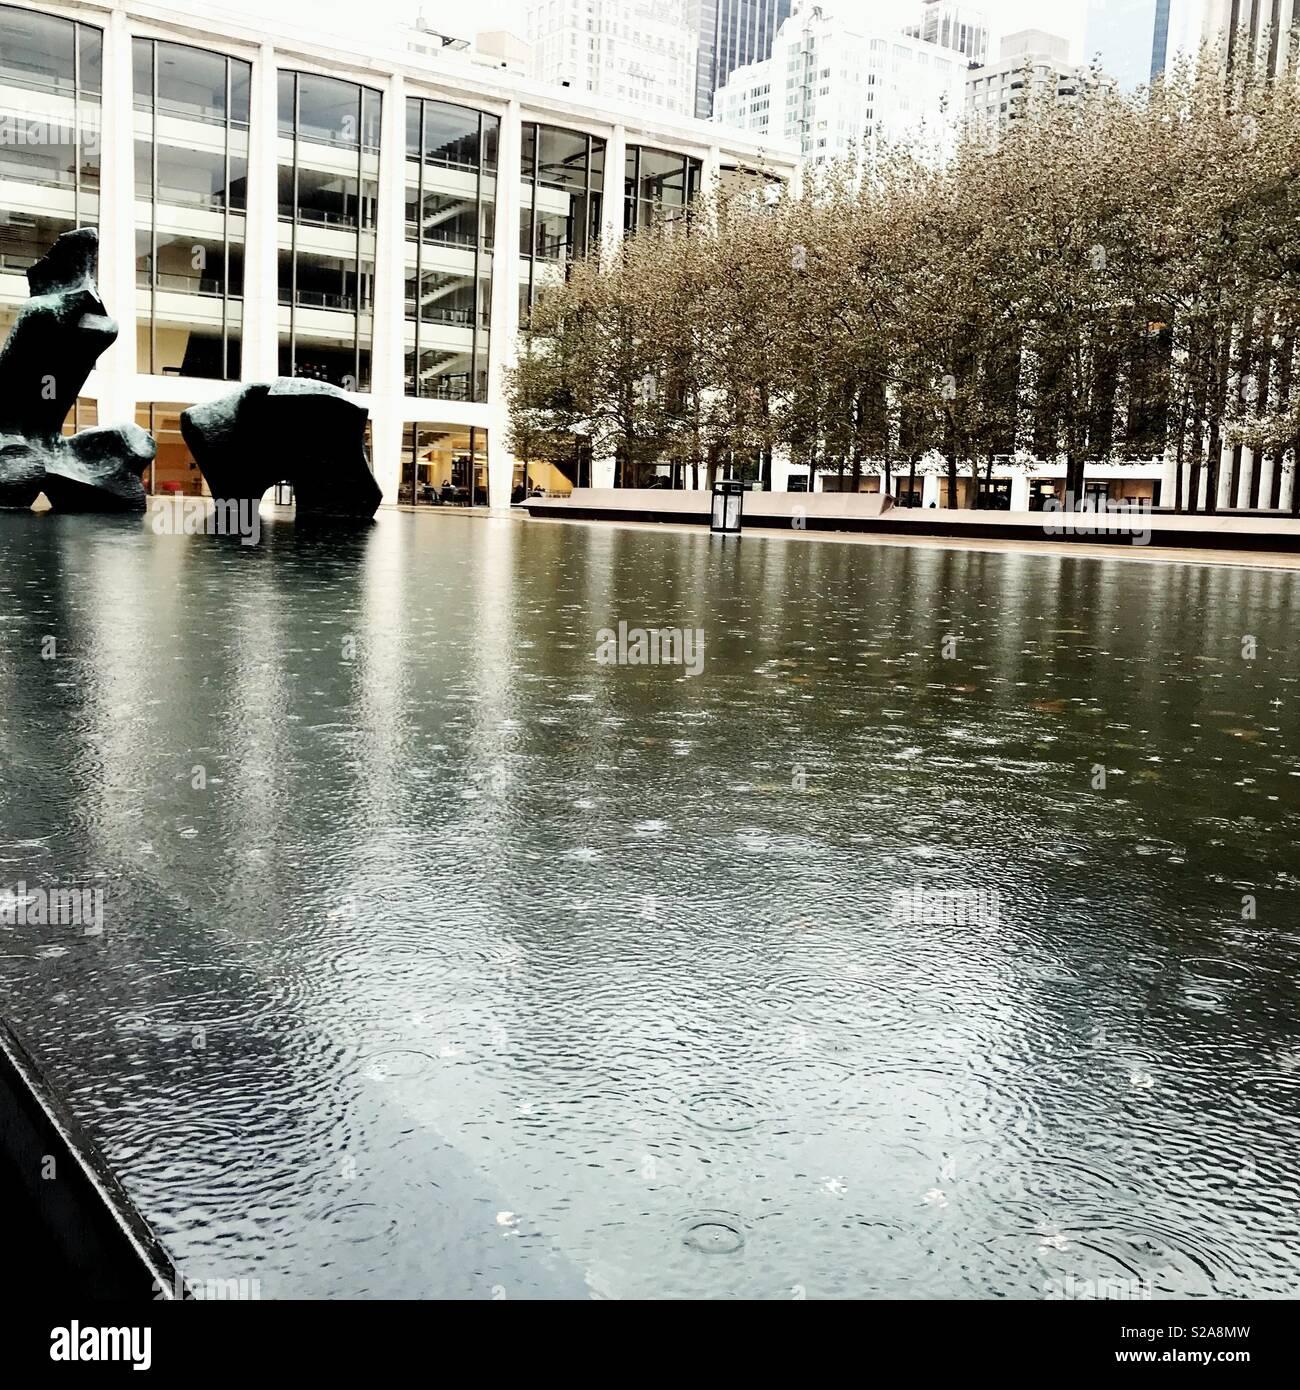 Lincoln Center in the Rain - Stock Image